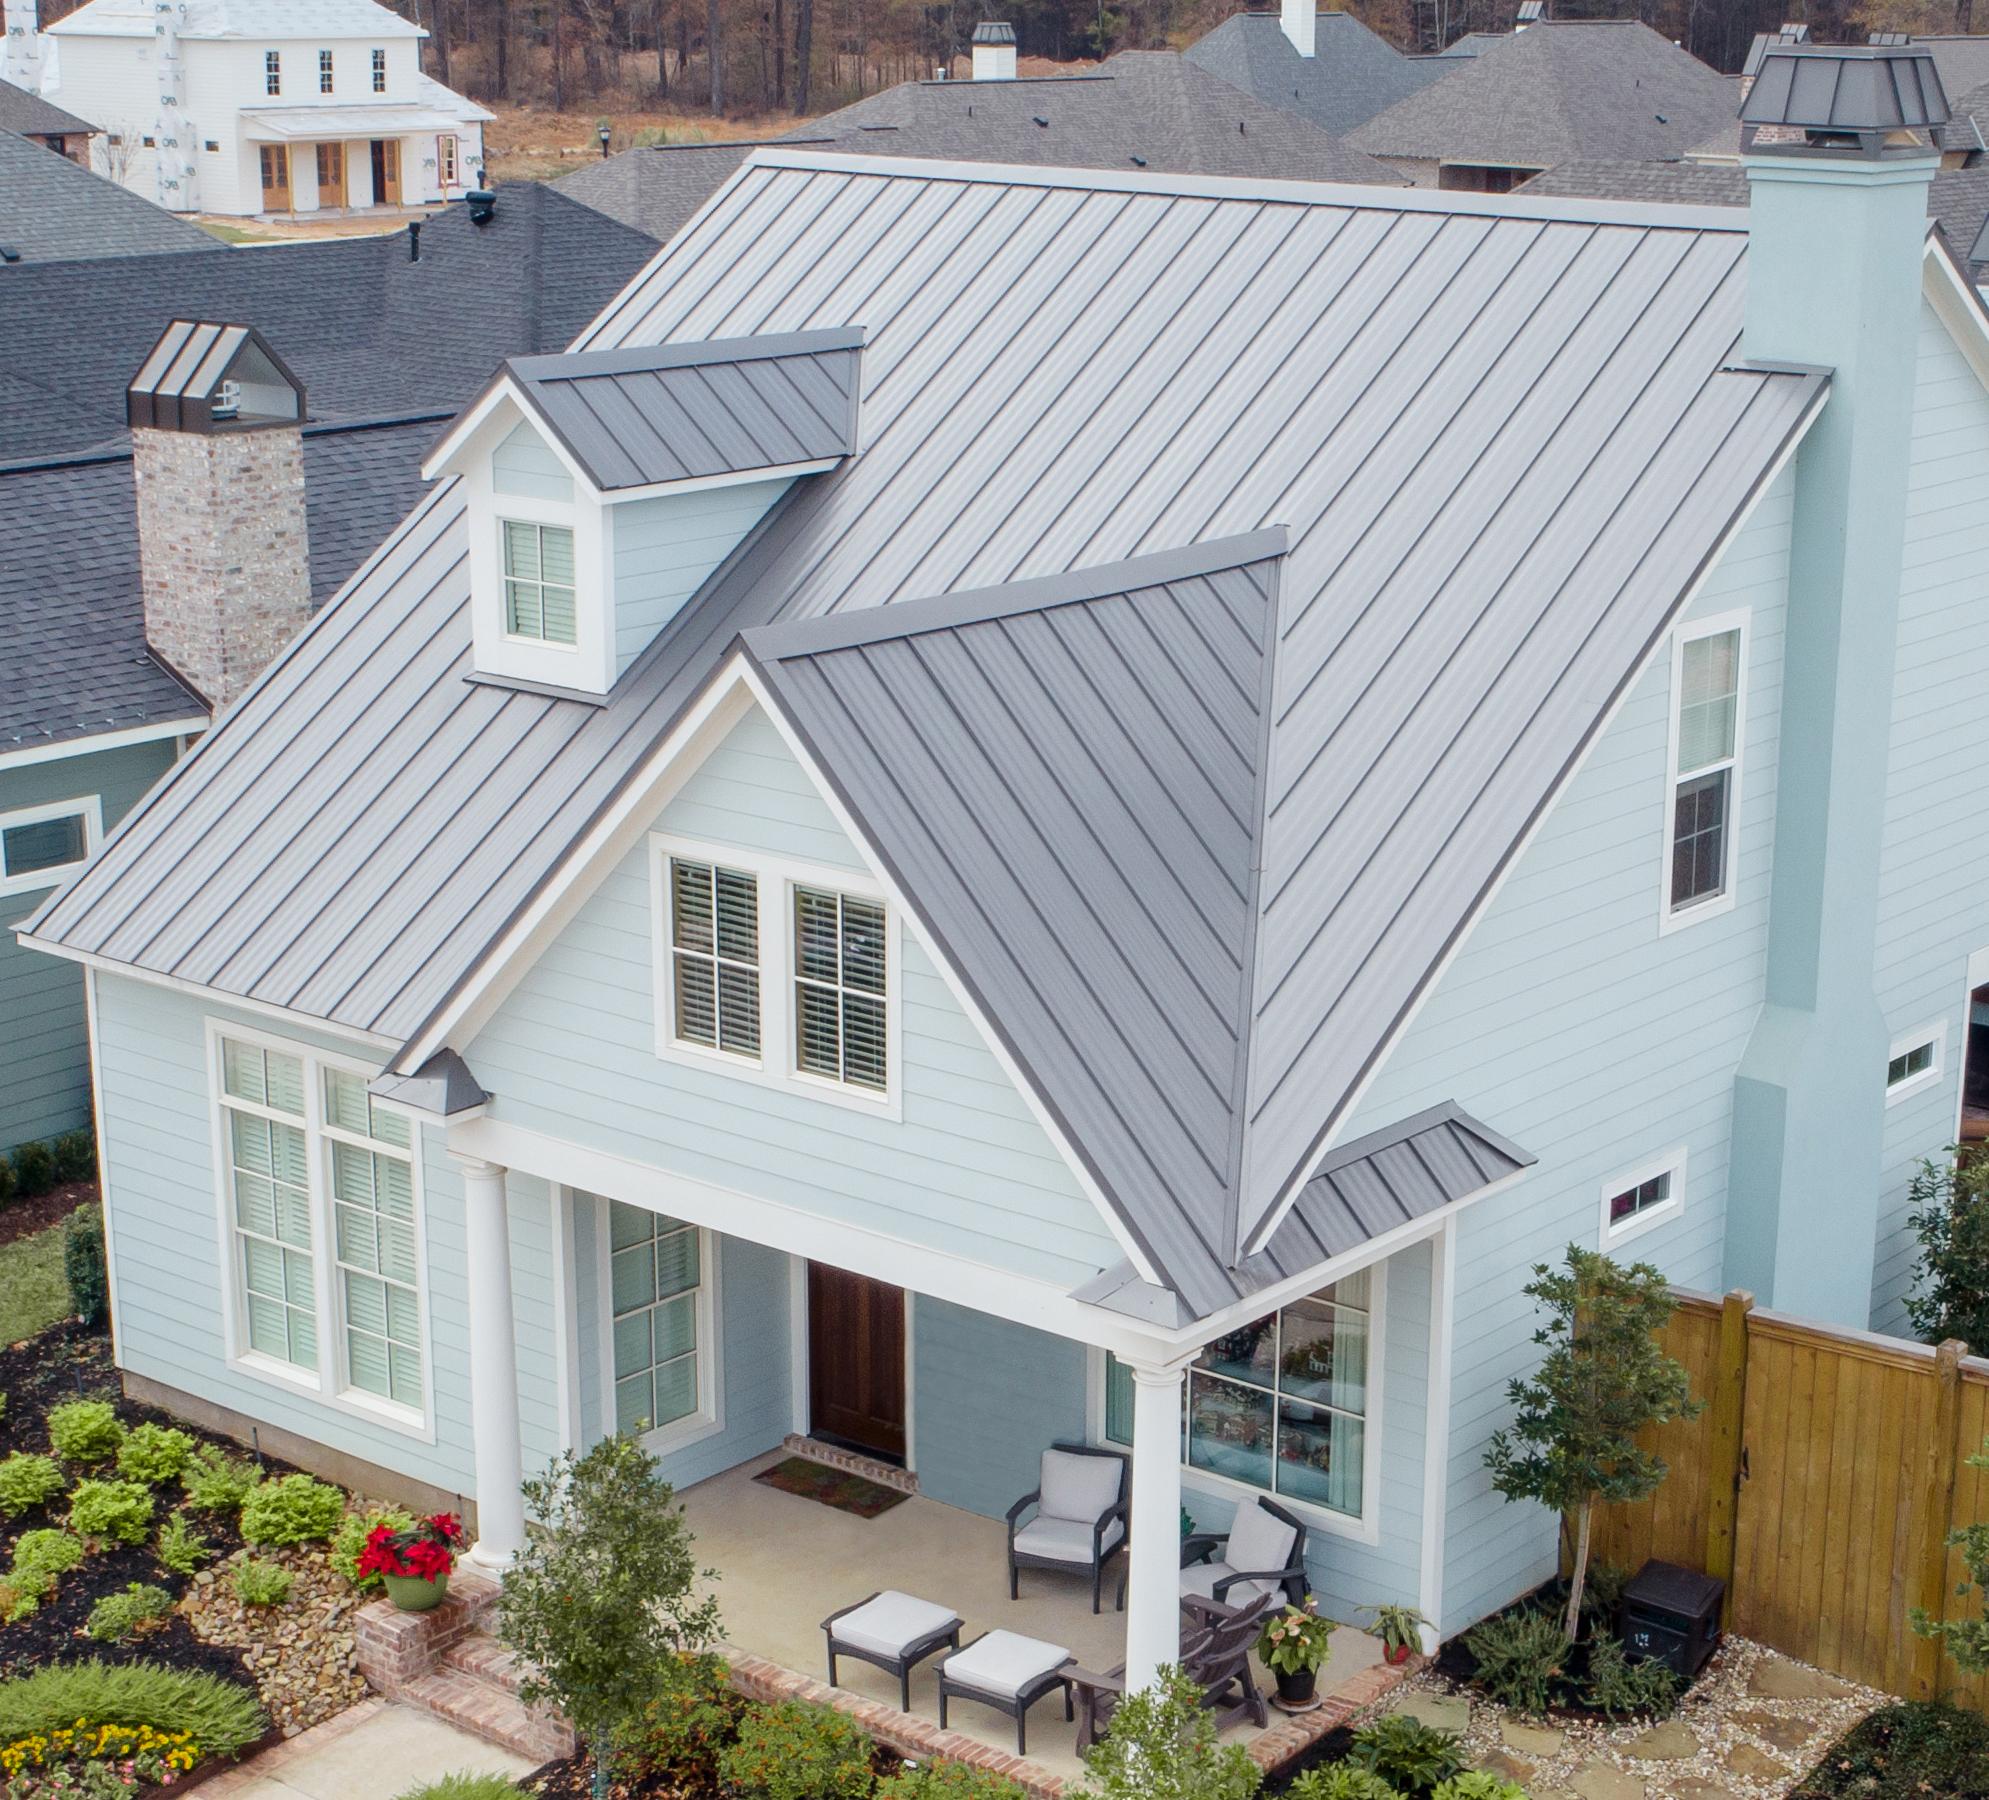 Advantages of a Metal Roof vs. Shingles